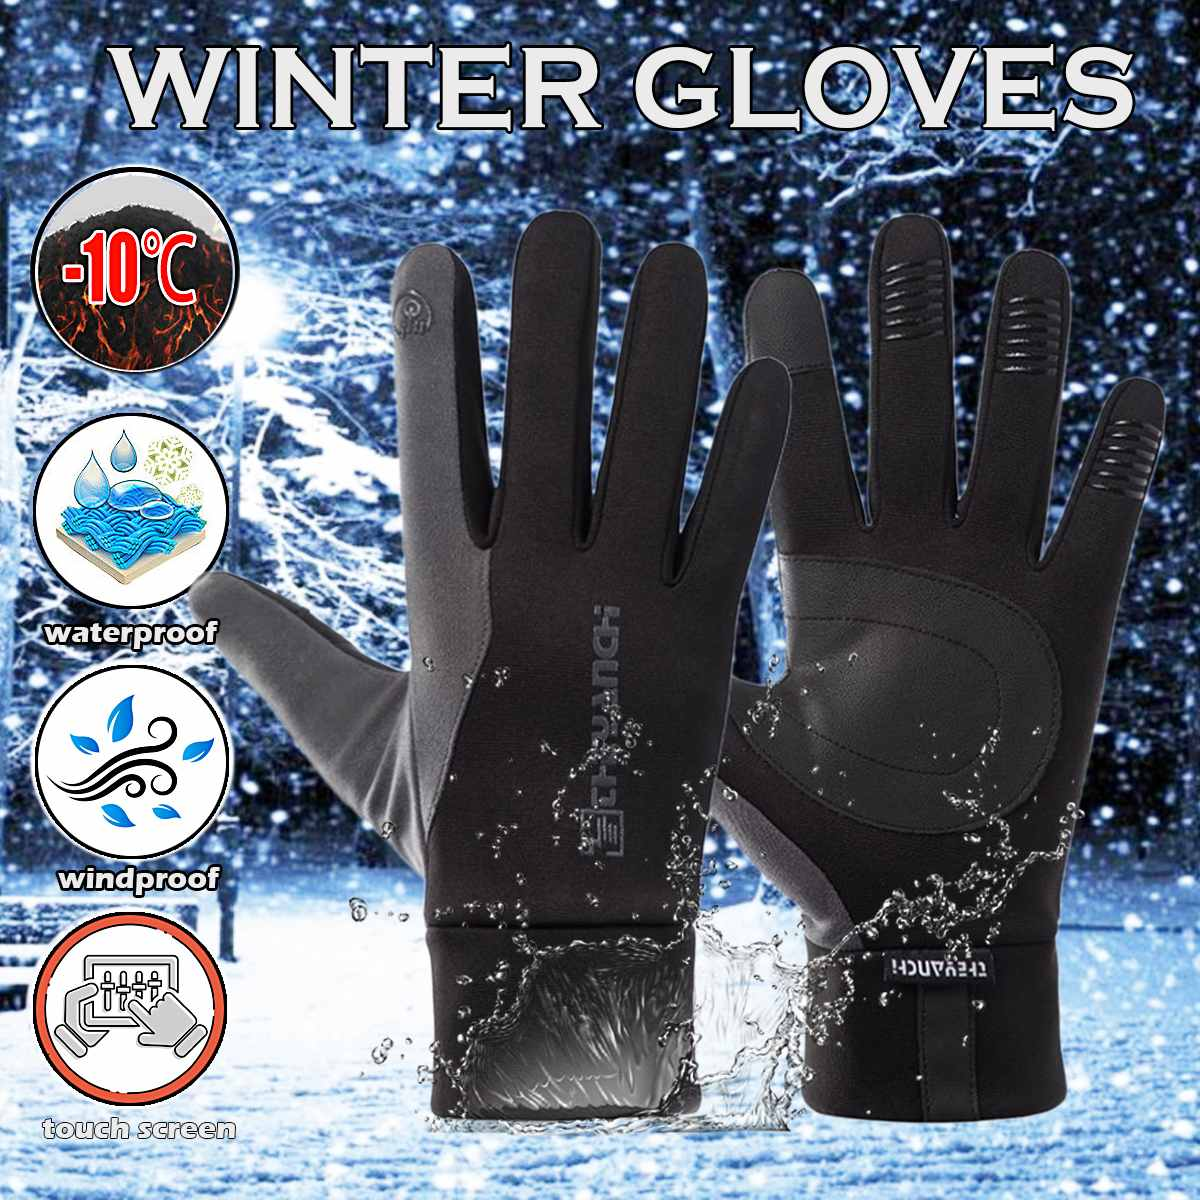 Luvas de ciclismo-10 graus para o inverno, luvas quentes para bicicleta mtb e à prova dágua, permite usar telas touchscreen